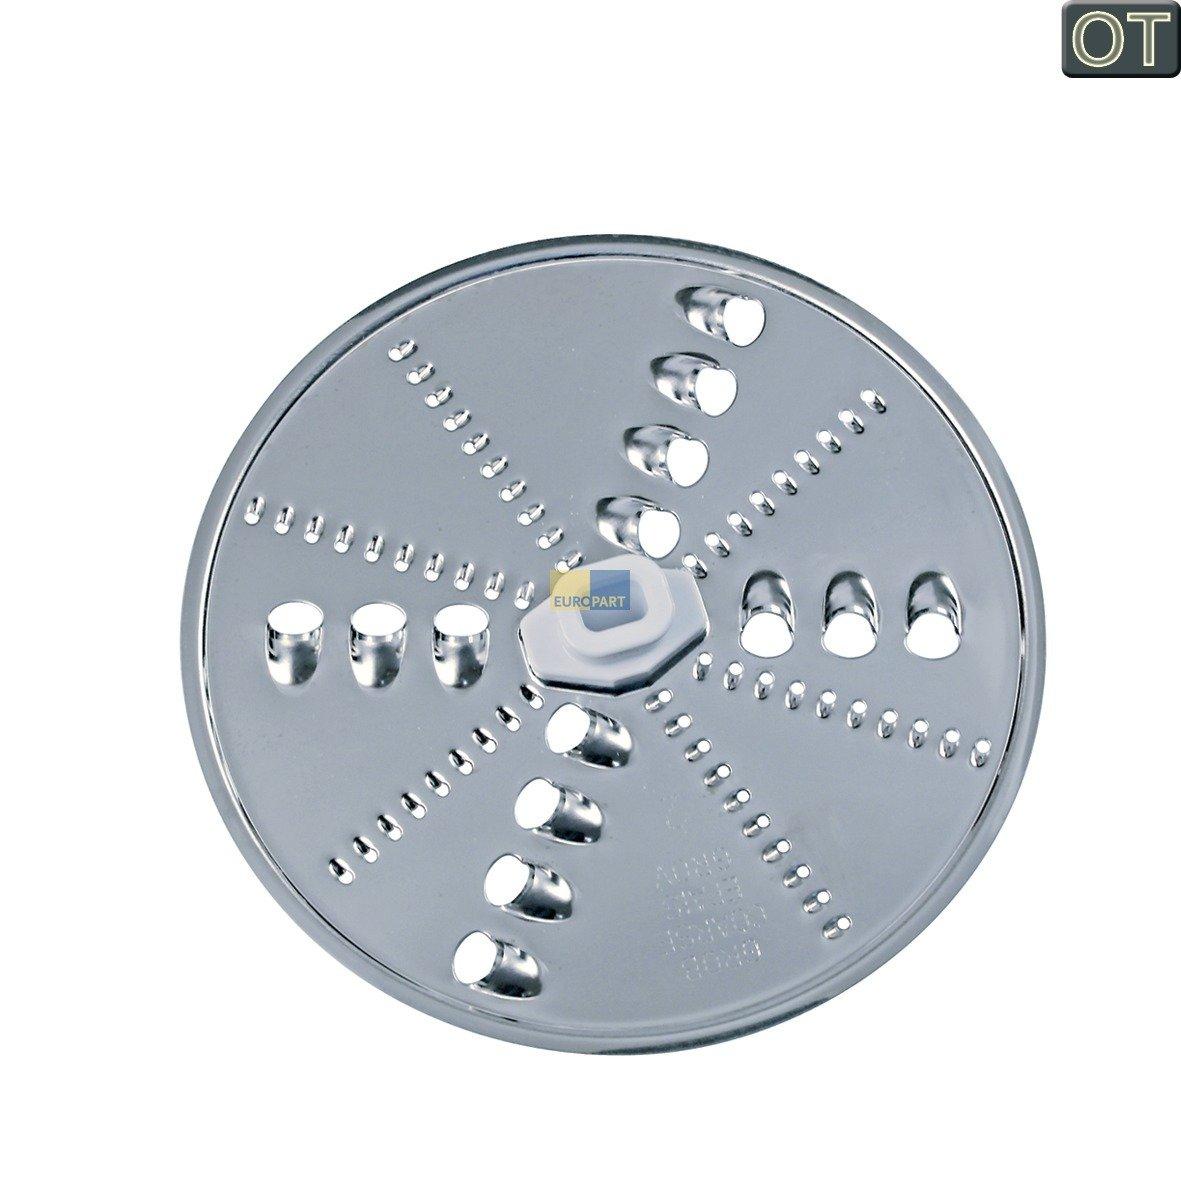 Bosch Siemens 650963/00650963/- Disco per grattugiare MK21 MCM52 MCM22 MCM20 compatibile con modelli robot da cucina MCM12 MCM53 MK5 MCM50 MCM22 MK22 e Gorenje 00260841